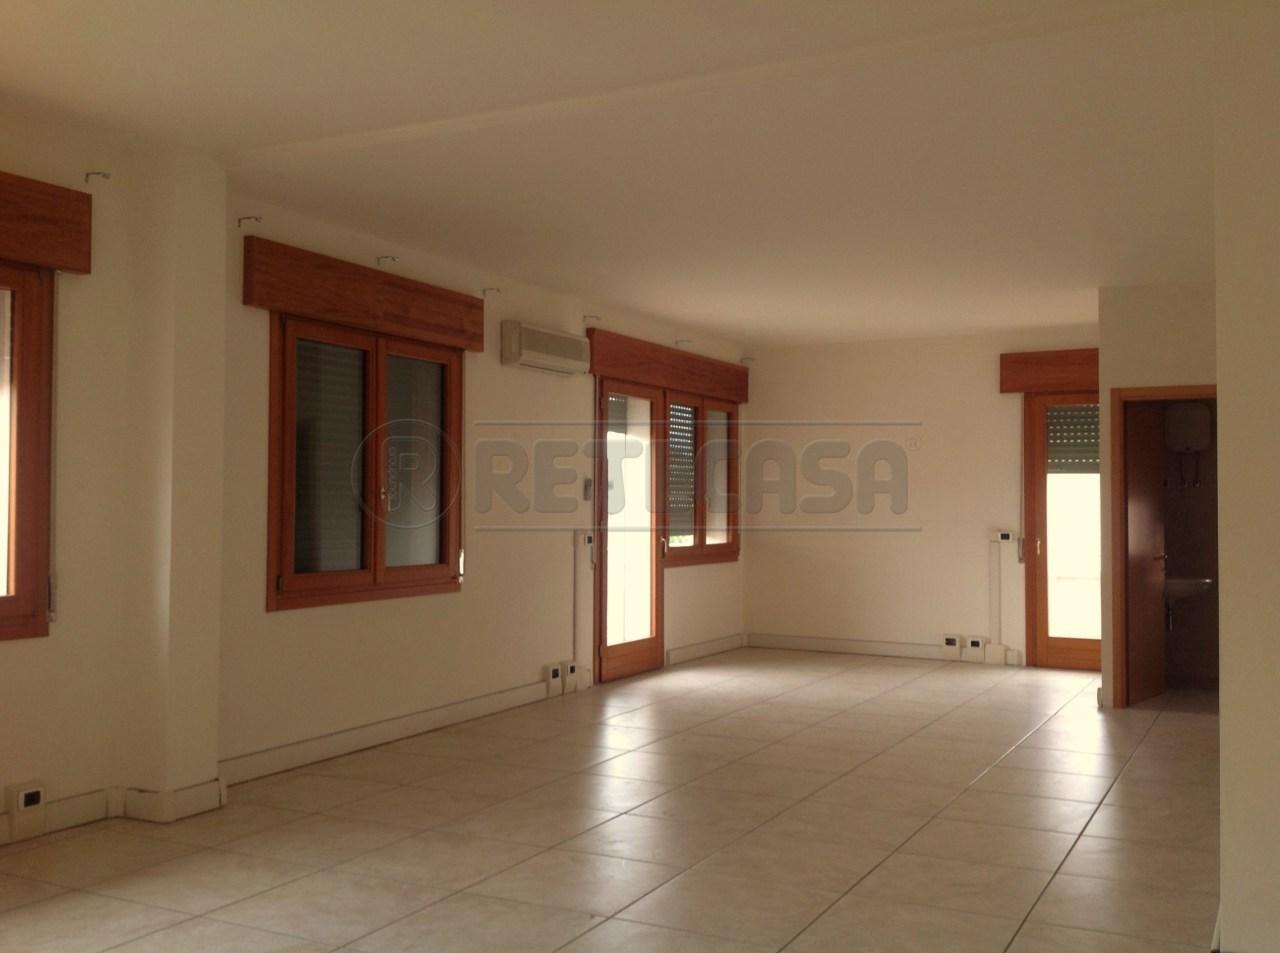 Ufficio / Studio in affitto a Pianiga, 1 locali, prezzo € 400 | Cambio Casa.it